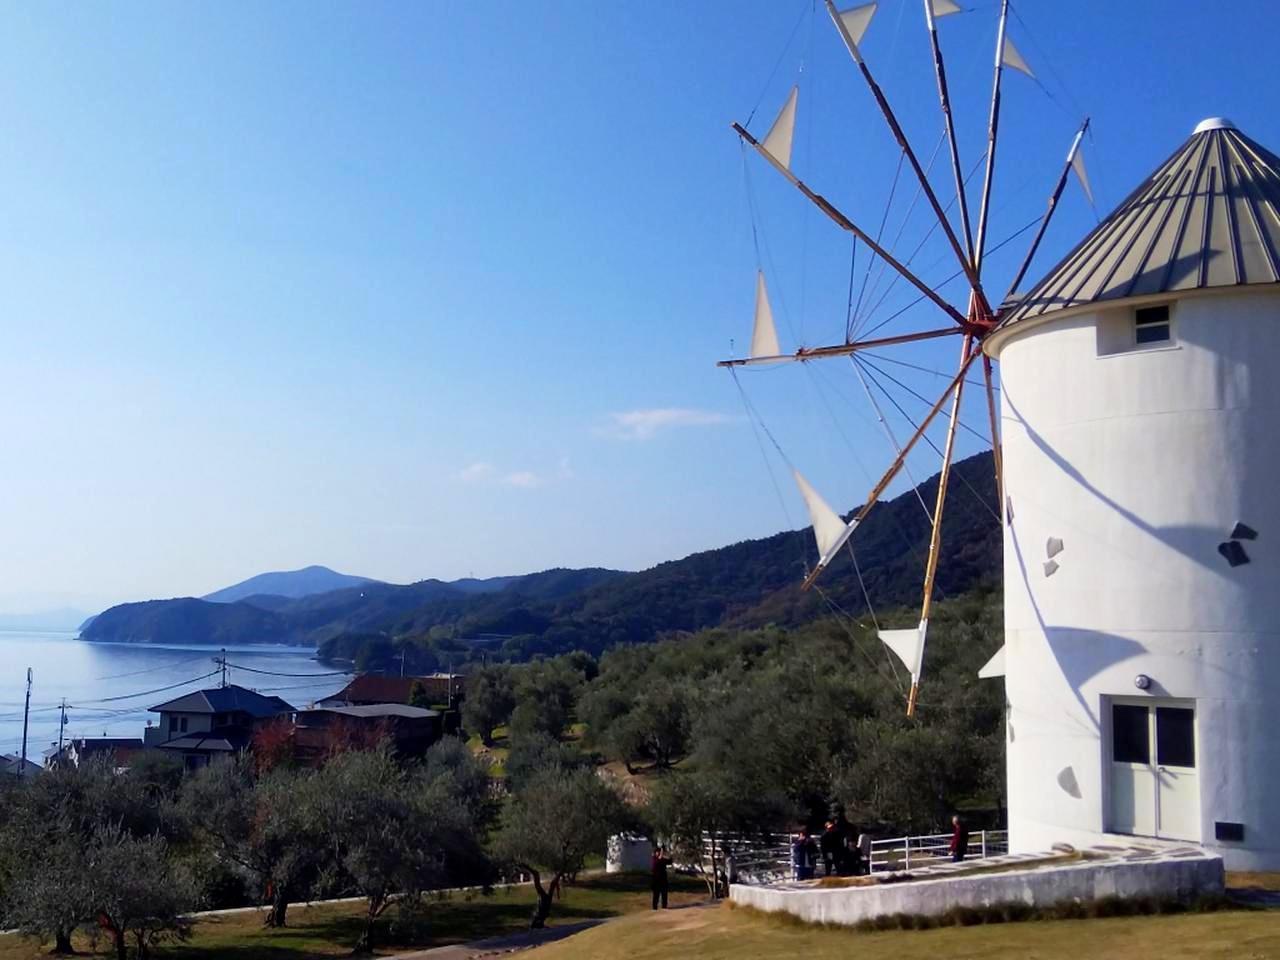 画像: エーゲ海ギリシャ領の姉妹都市「ミロス島」から贈られた風車は訪問者に人気